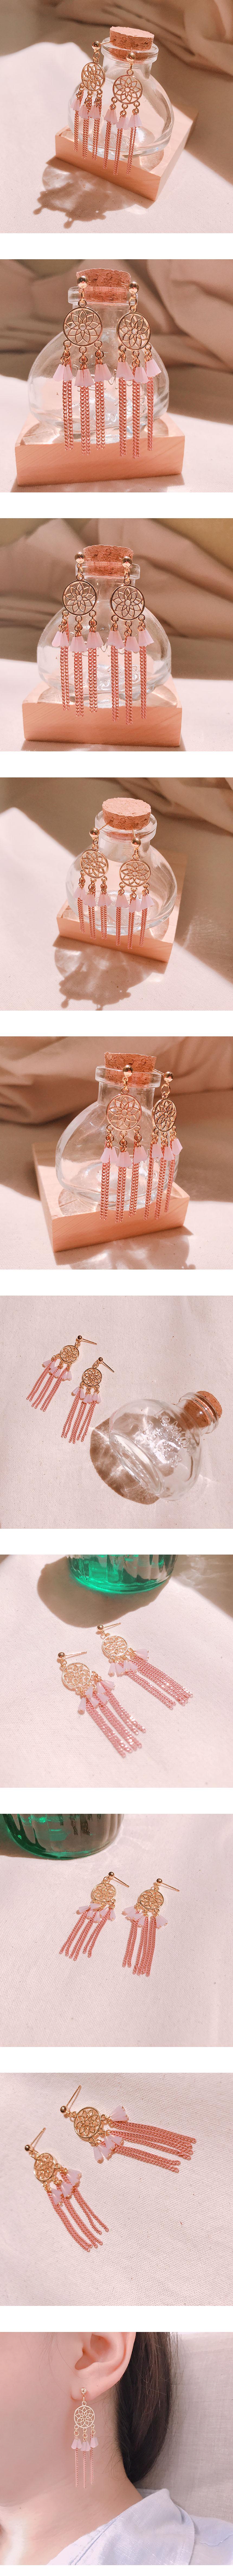 드림캐쳐 드롭 귀걸이 - 효효, 14,500원, 실버, 드롭귀걸이